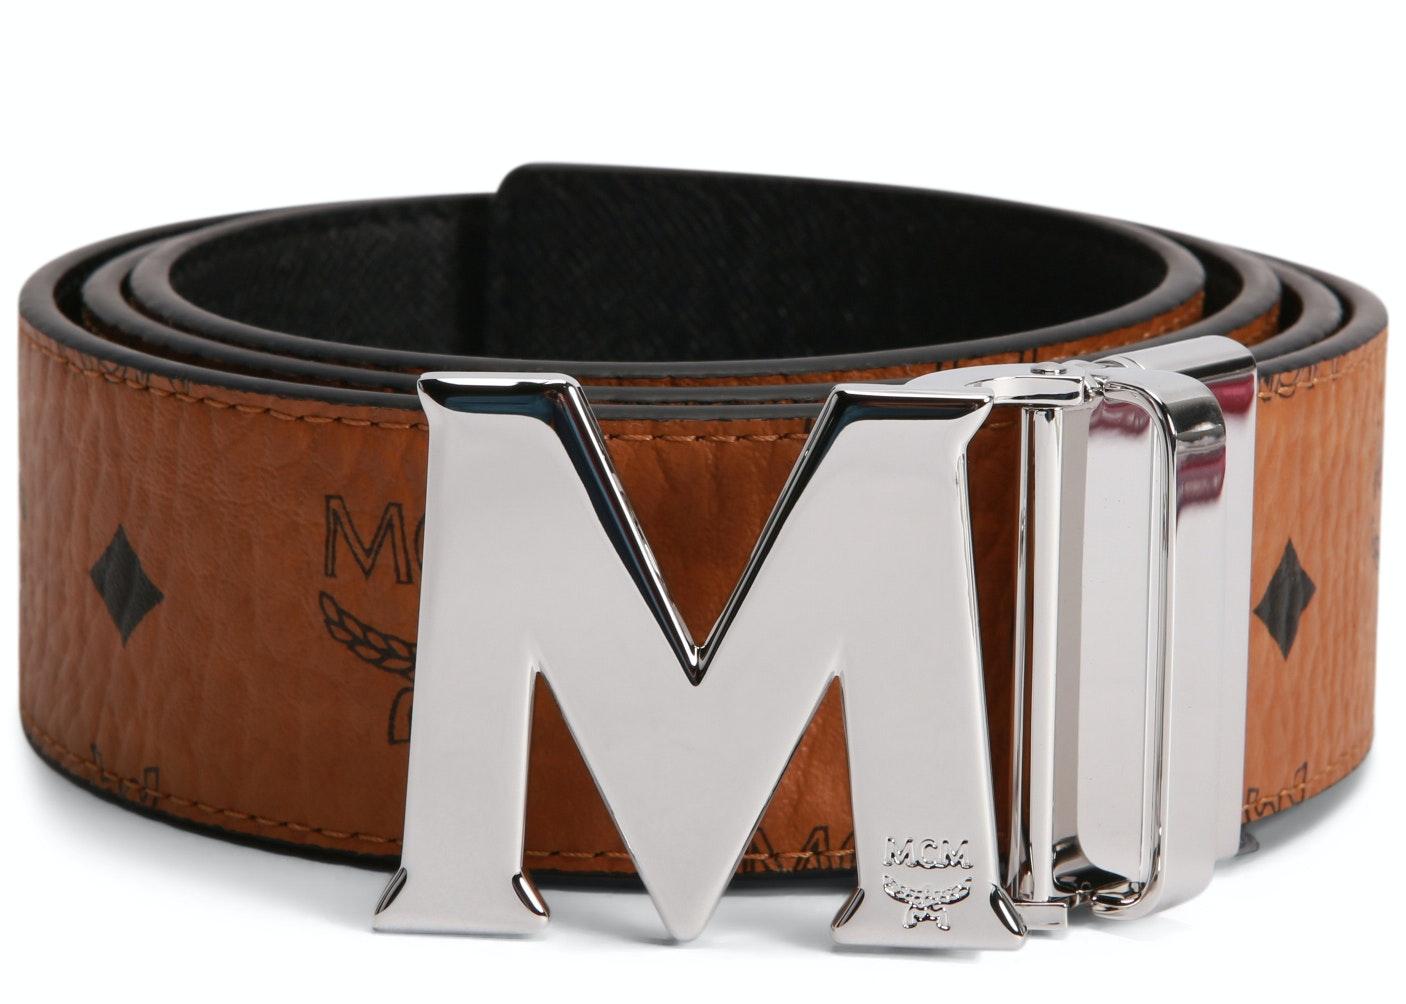 MCM Claus M Reversible Belt Visetos Silver Cobalt-tone 1.75W 51In/130Cm Cognac